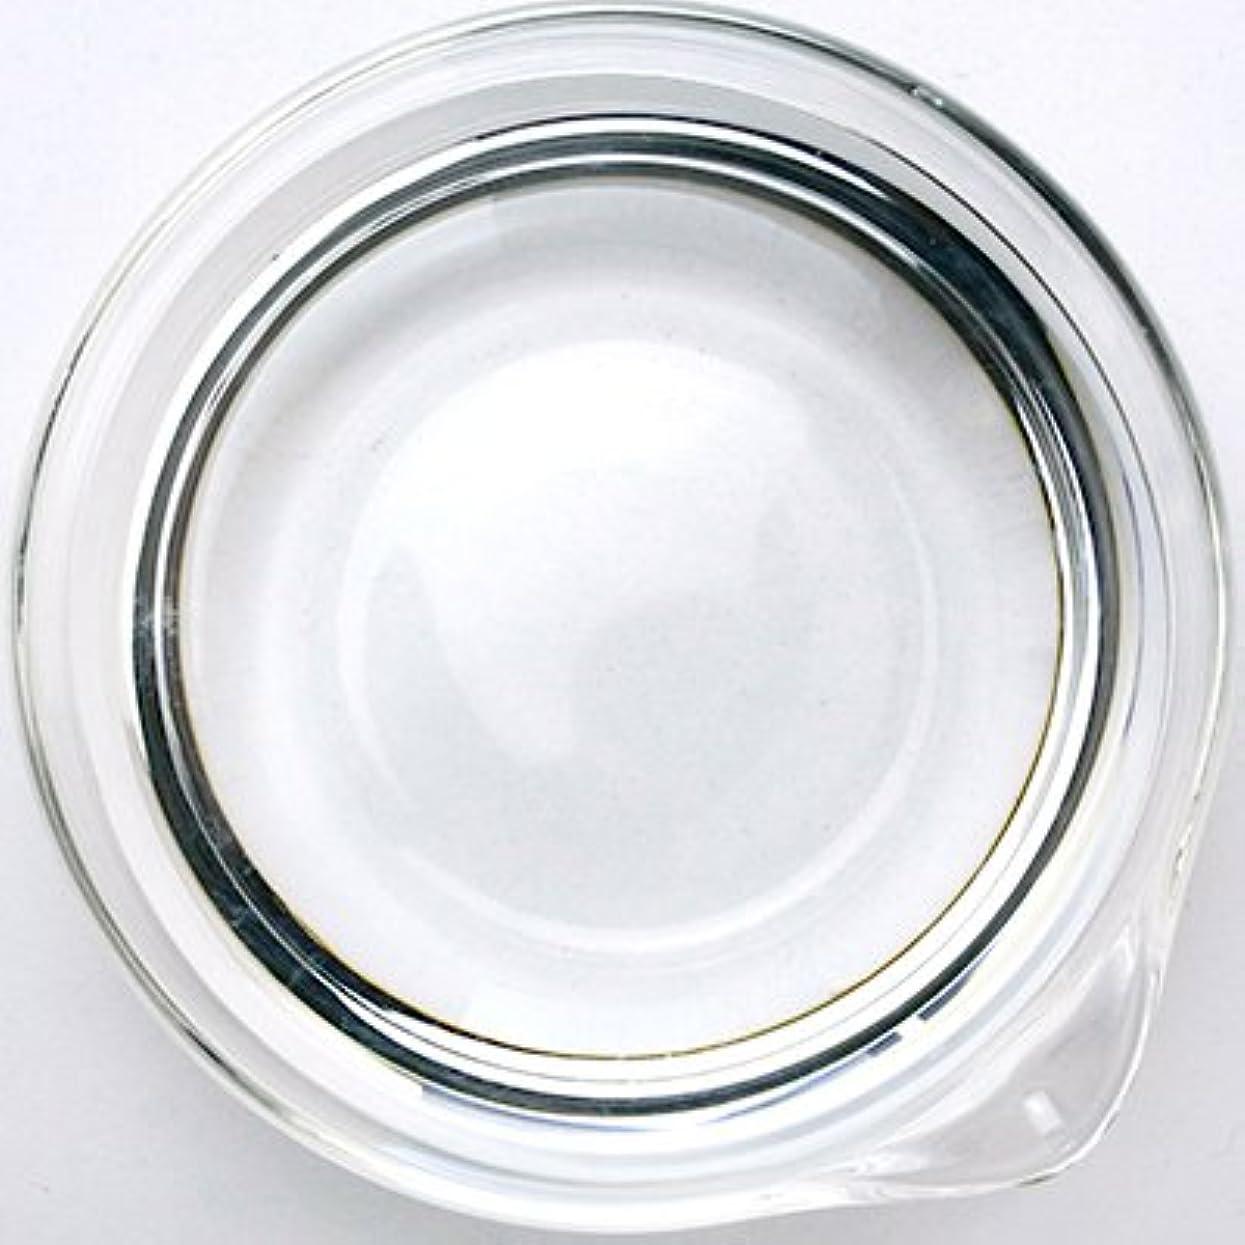 建物推測証明1,2-ヘキサンジオール 100ml 【防腐剤/抗菌剤/保湿剤/手作りコスメ】